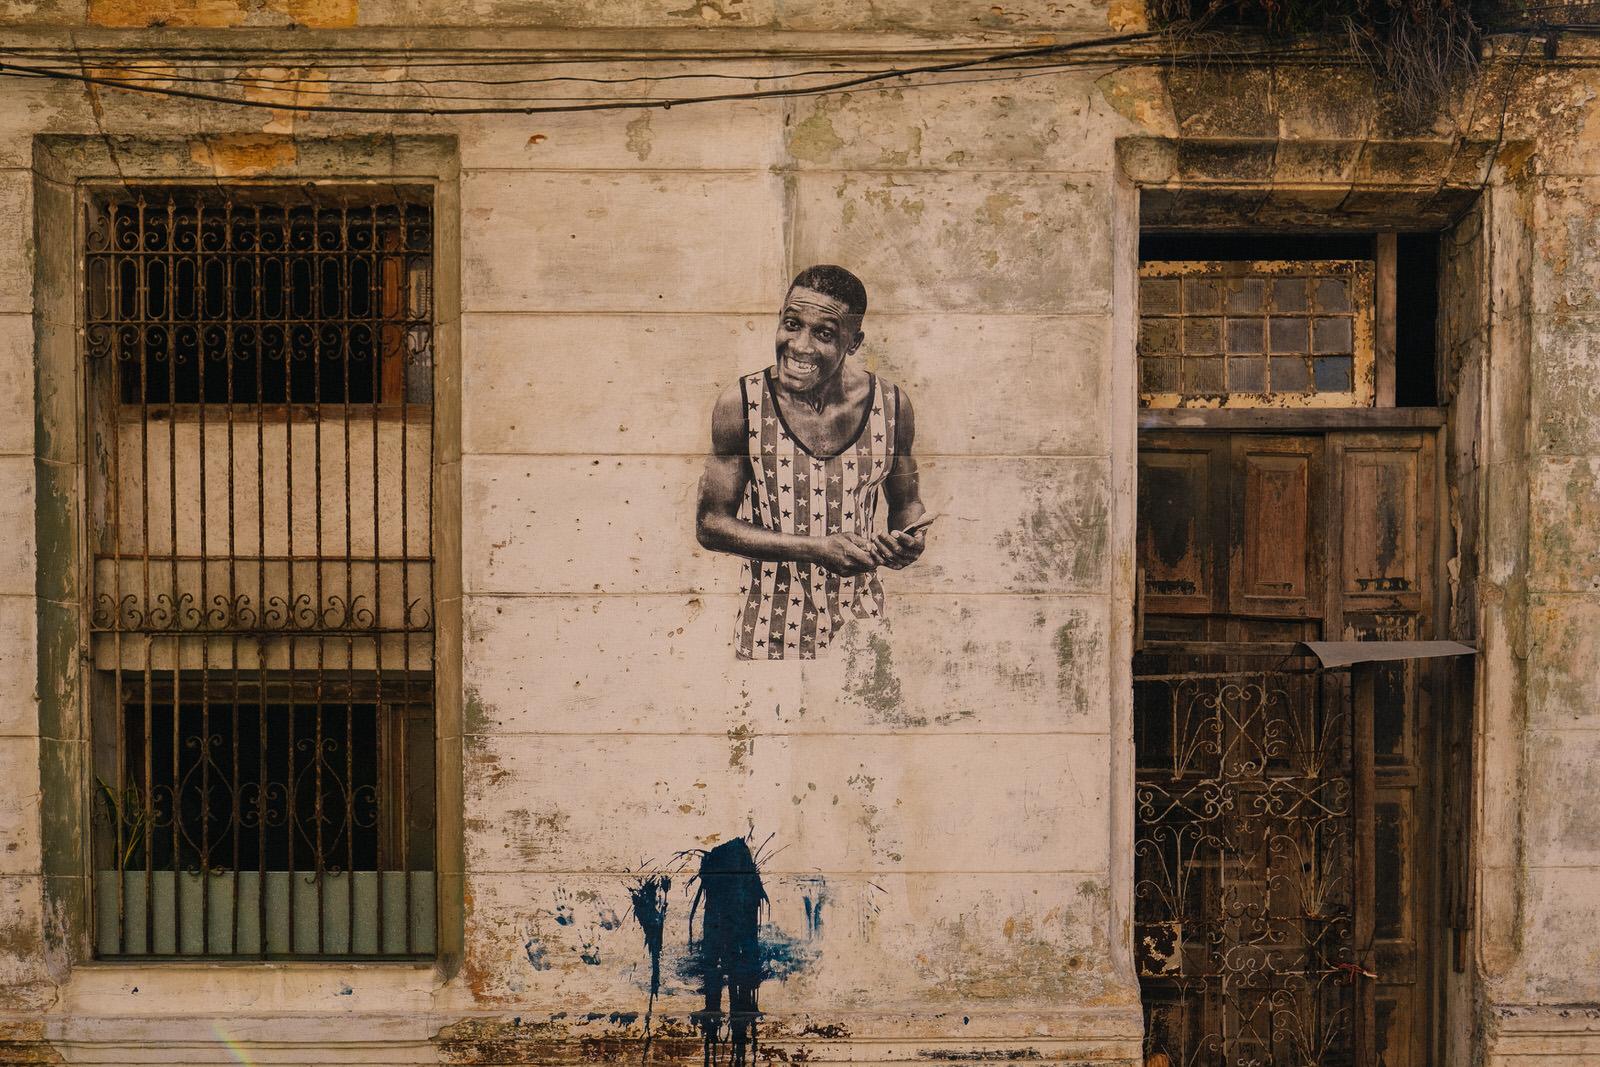 Cuba2019-548.jpg